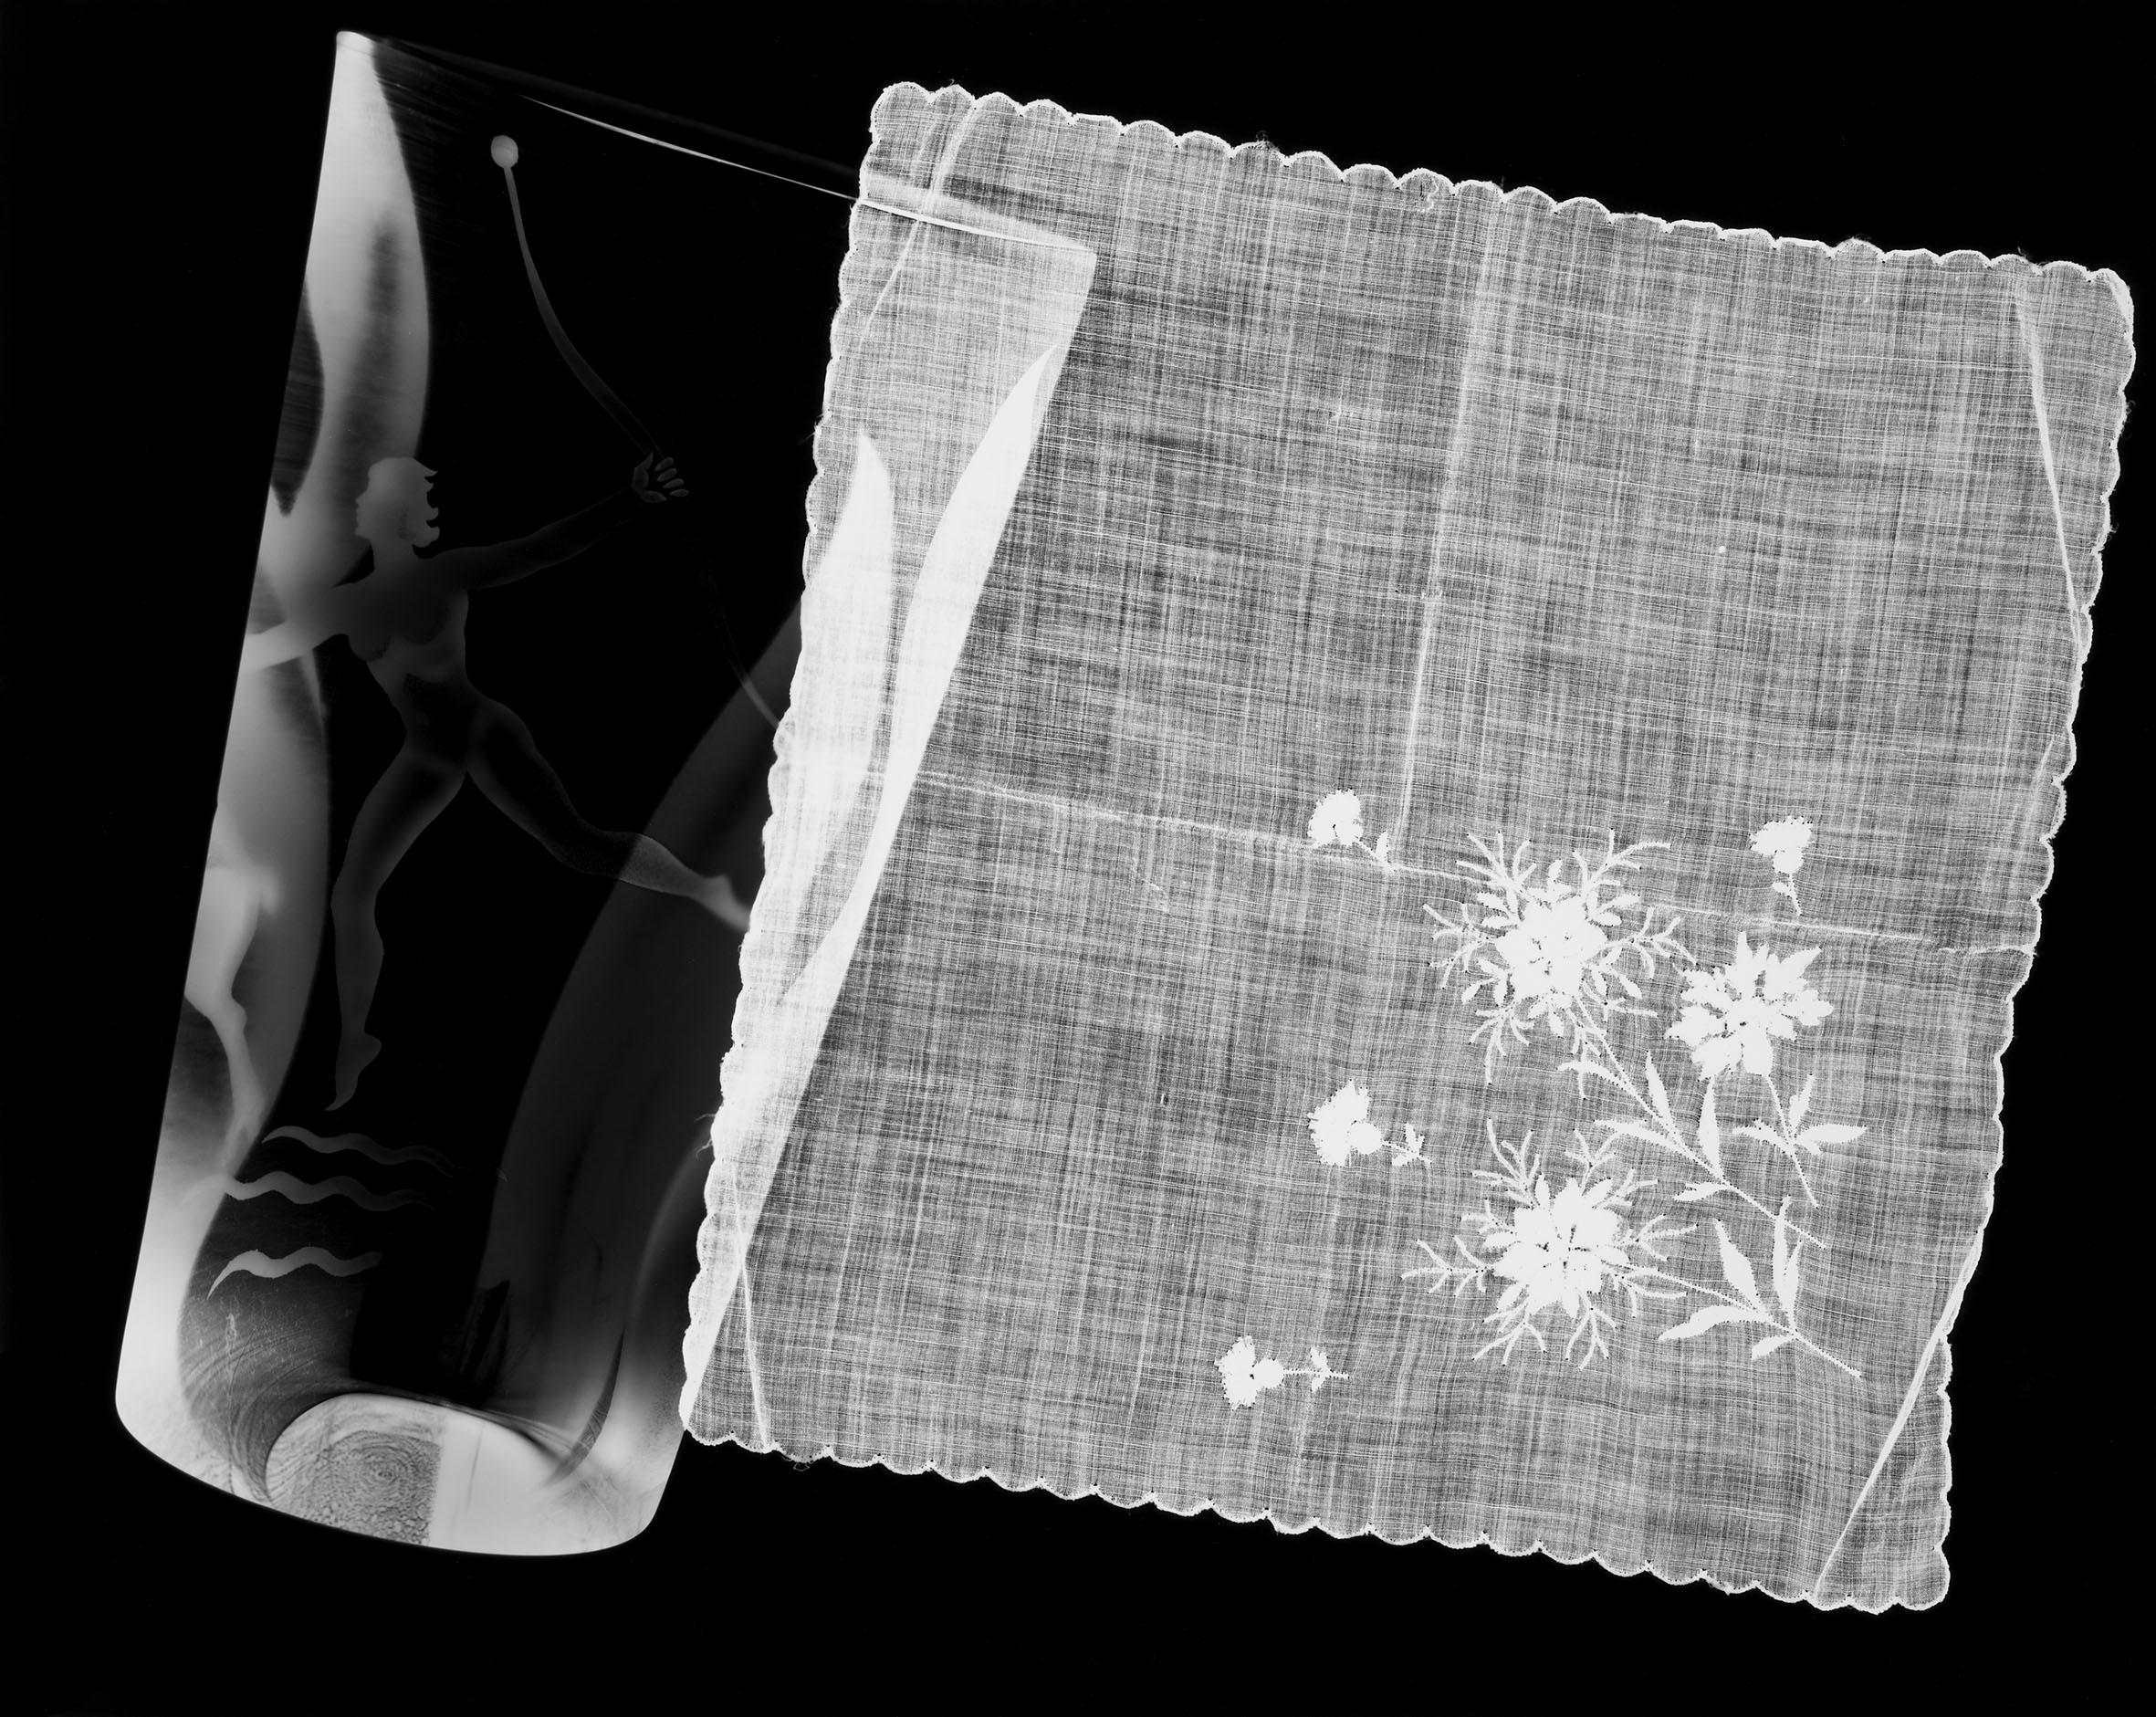 IÑAKI BONILLAS. Secretos: rayografías, 2016 (Detail) | Accrochage #2: Escritura Nocturna | ProjecteSD